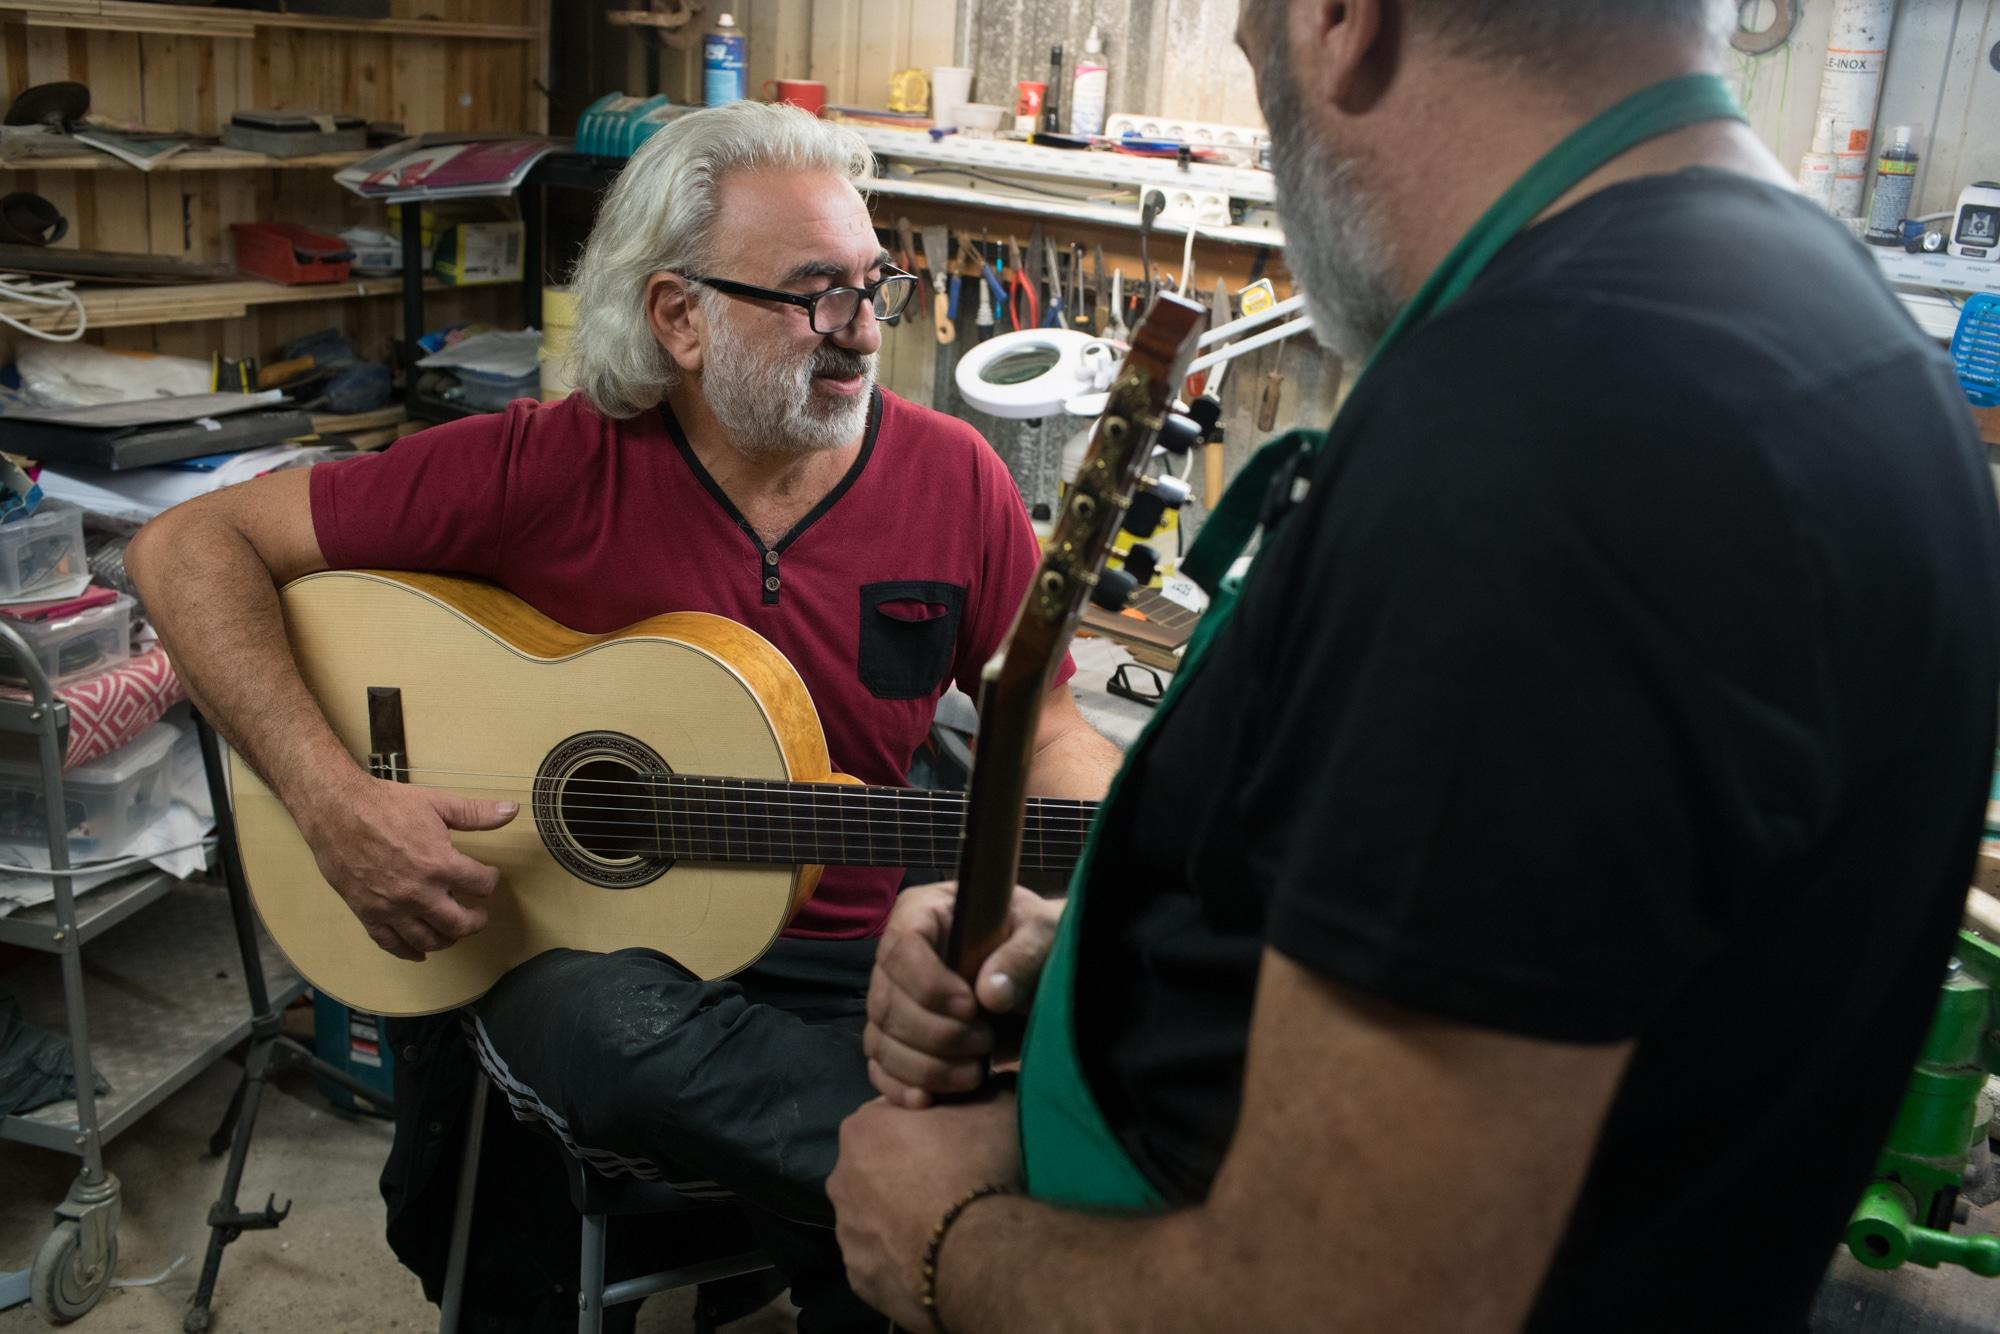 Pierre, tenant une guitare dans ses mains, observe une autre personne jouant sur sa guitare.